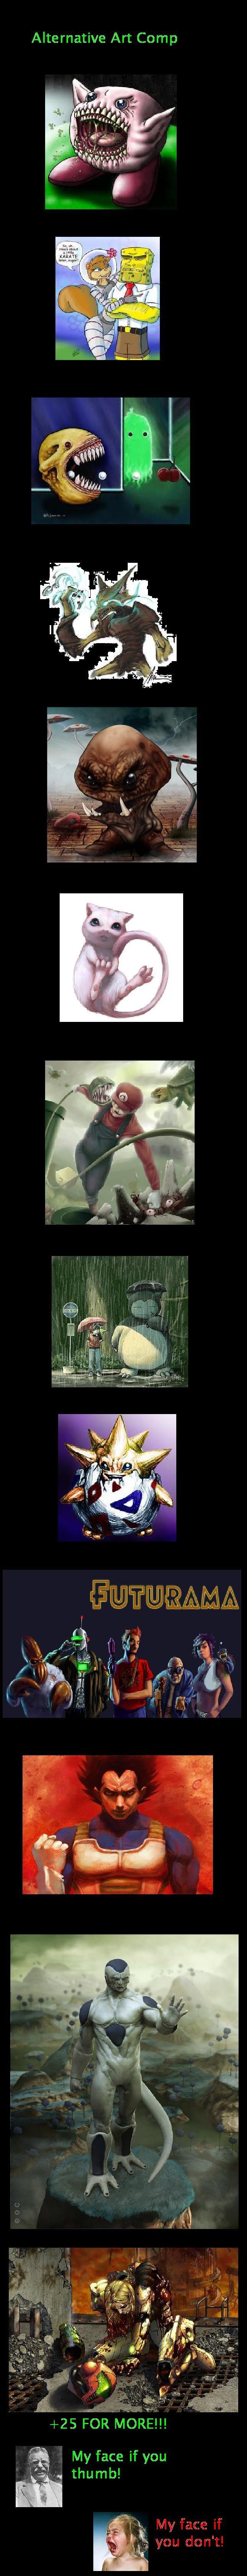 alternative art. alternative art comp. Alternative Art Comp. Why does leila have 2 eyes? comp Alternative Art Pokemon